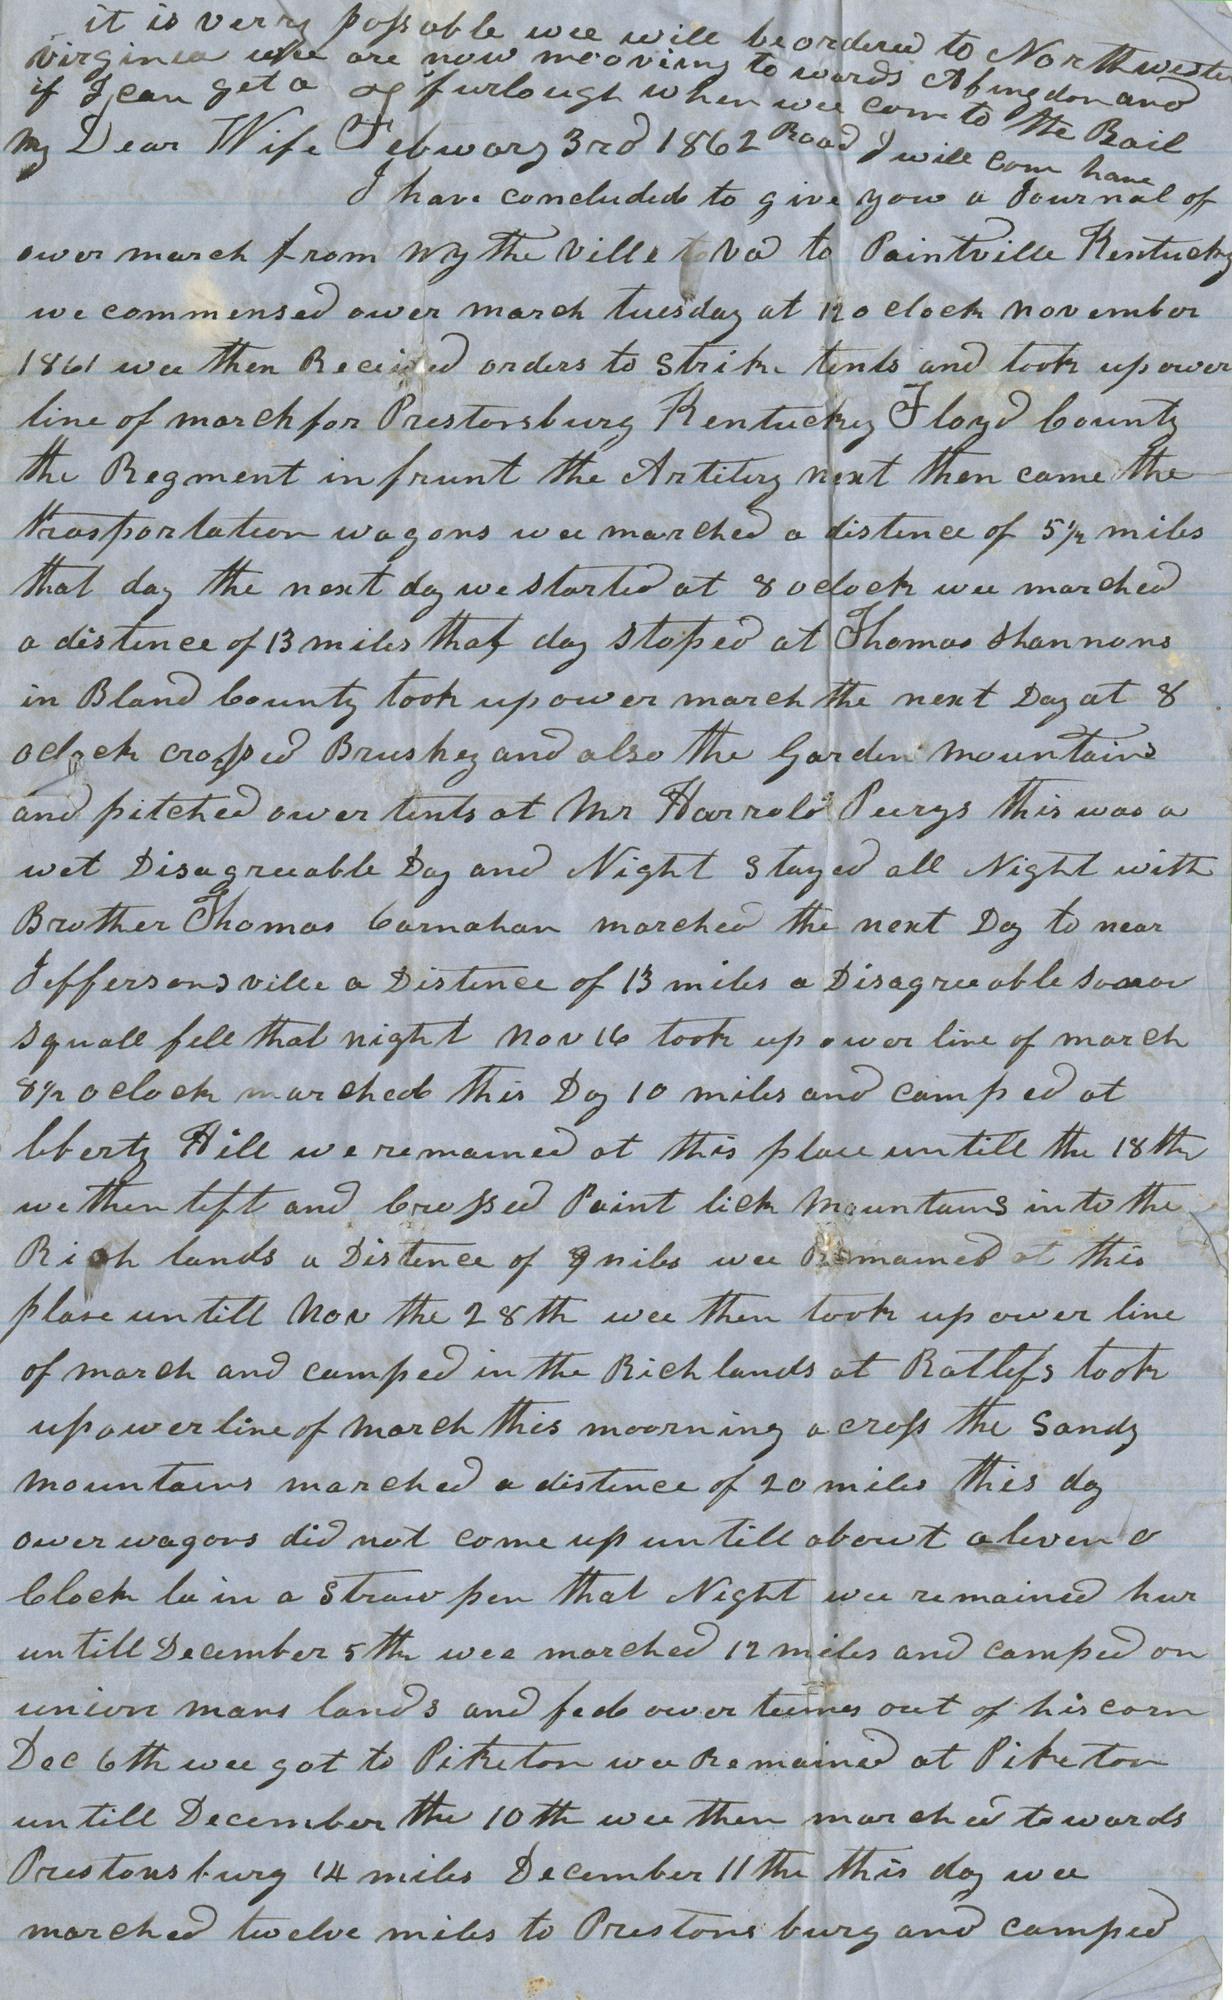 Ms2009-112_CarnahanJohnNewton_Letter_1862_0203a.jpg